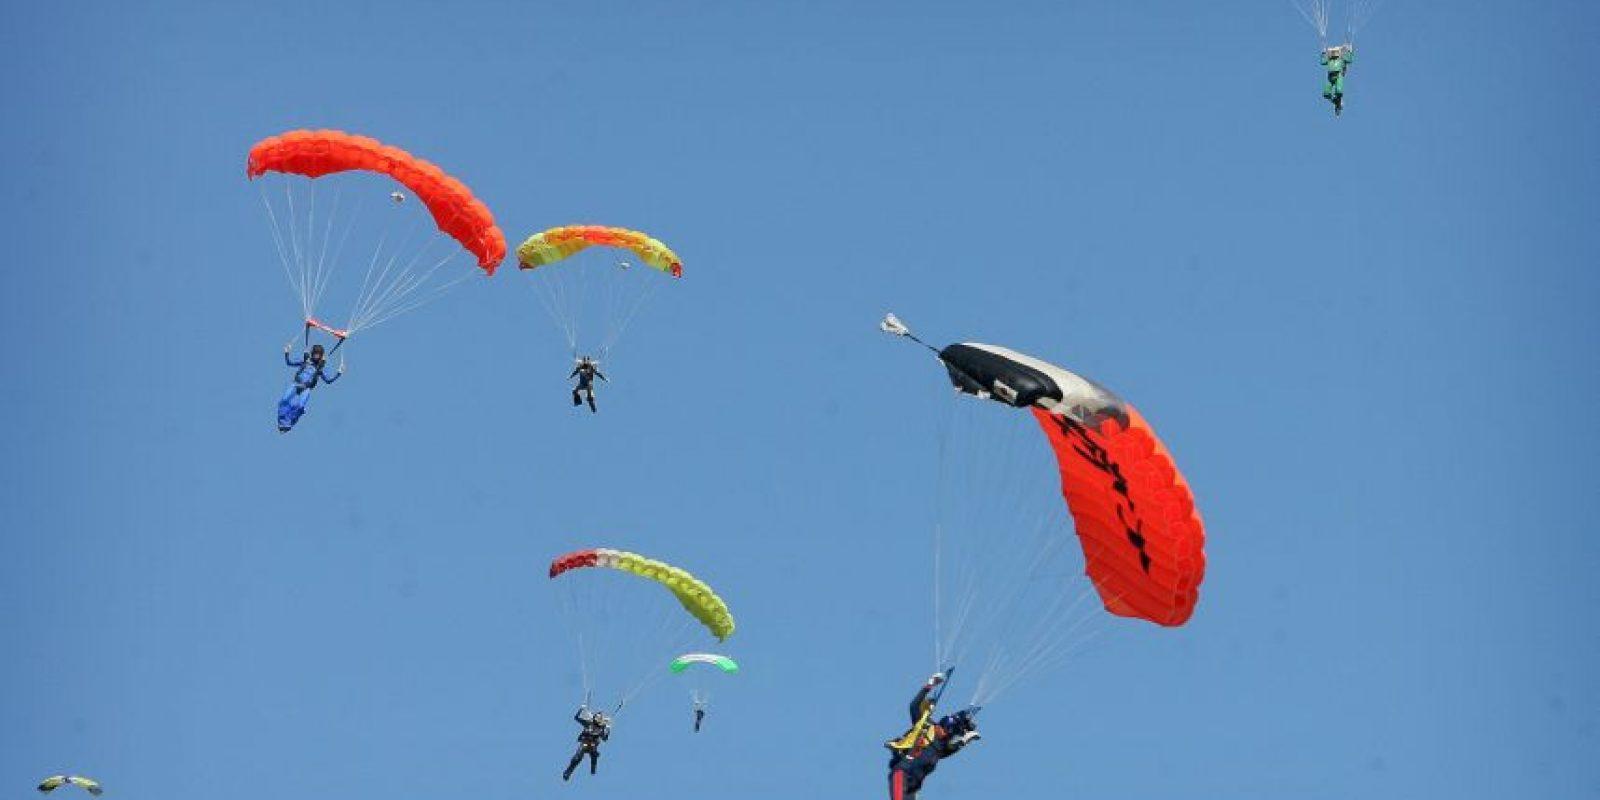 Con ayuda de sus paracaídas logran aterrizar. Foto:AP